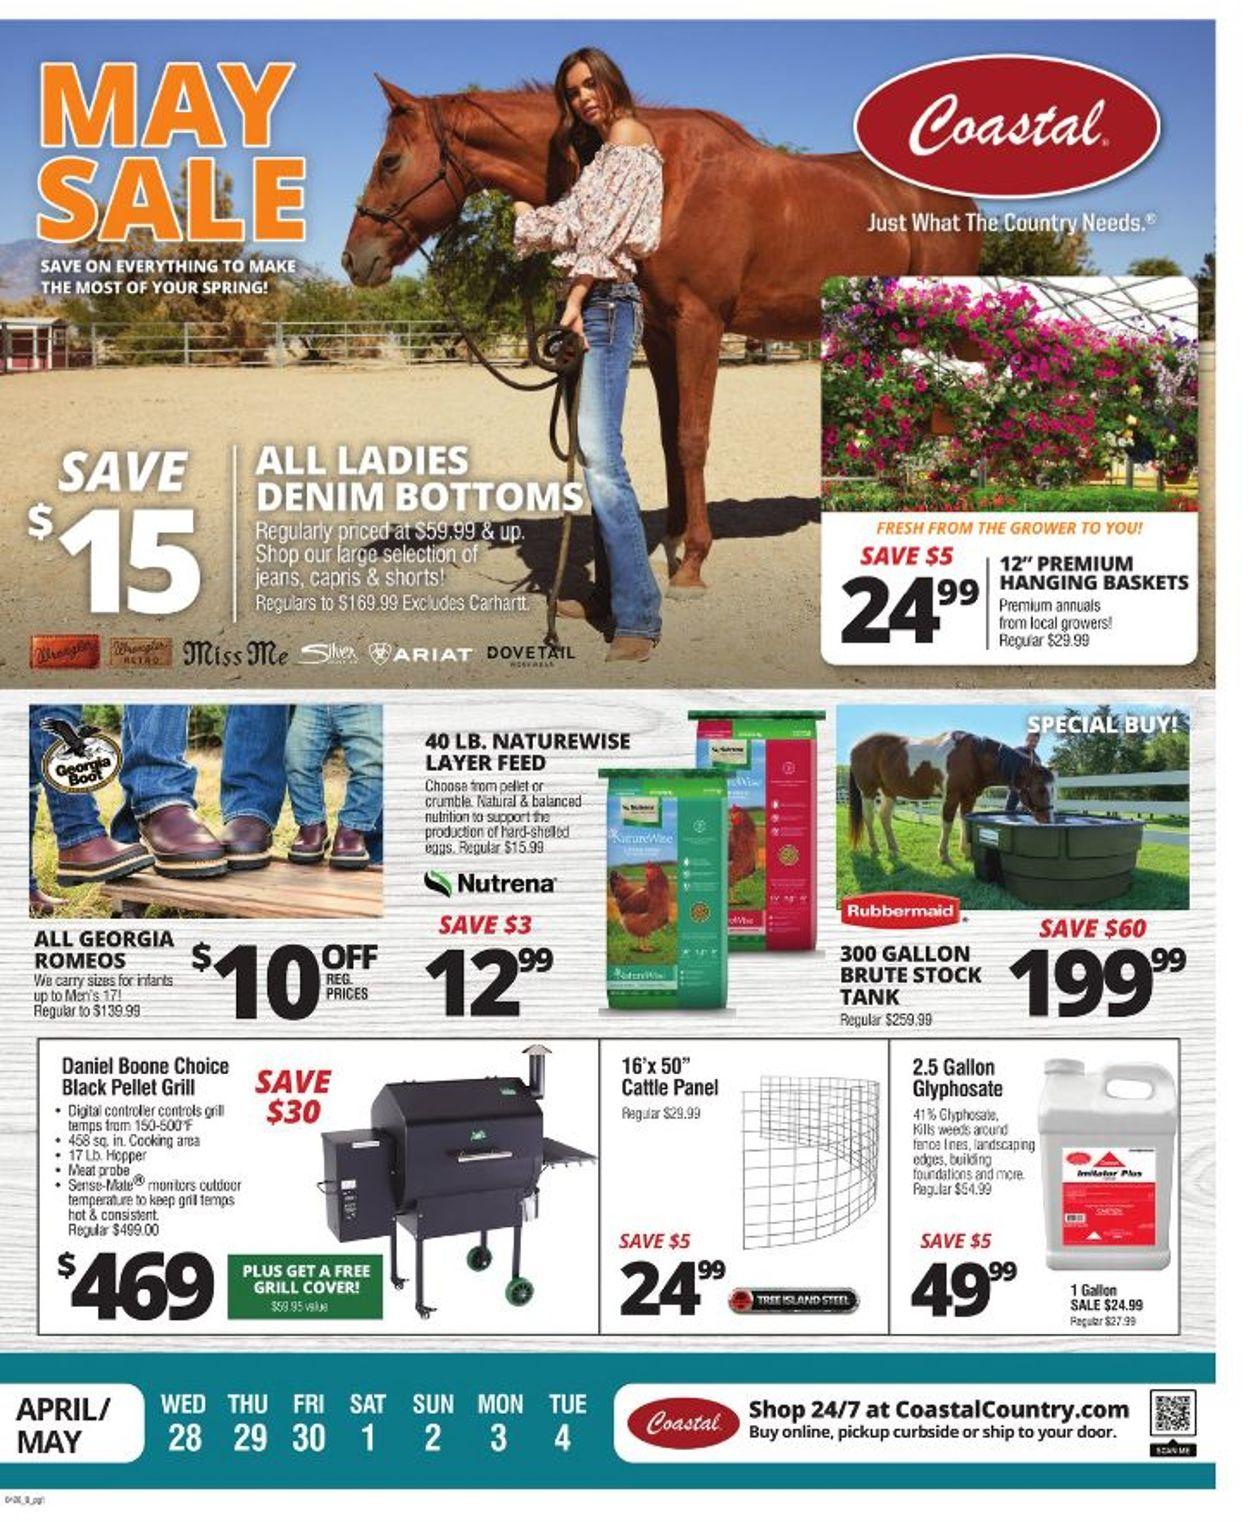 Coastal Farm & Ranch Weekly Ad Circular - valid 04/28-05/04/2021